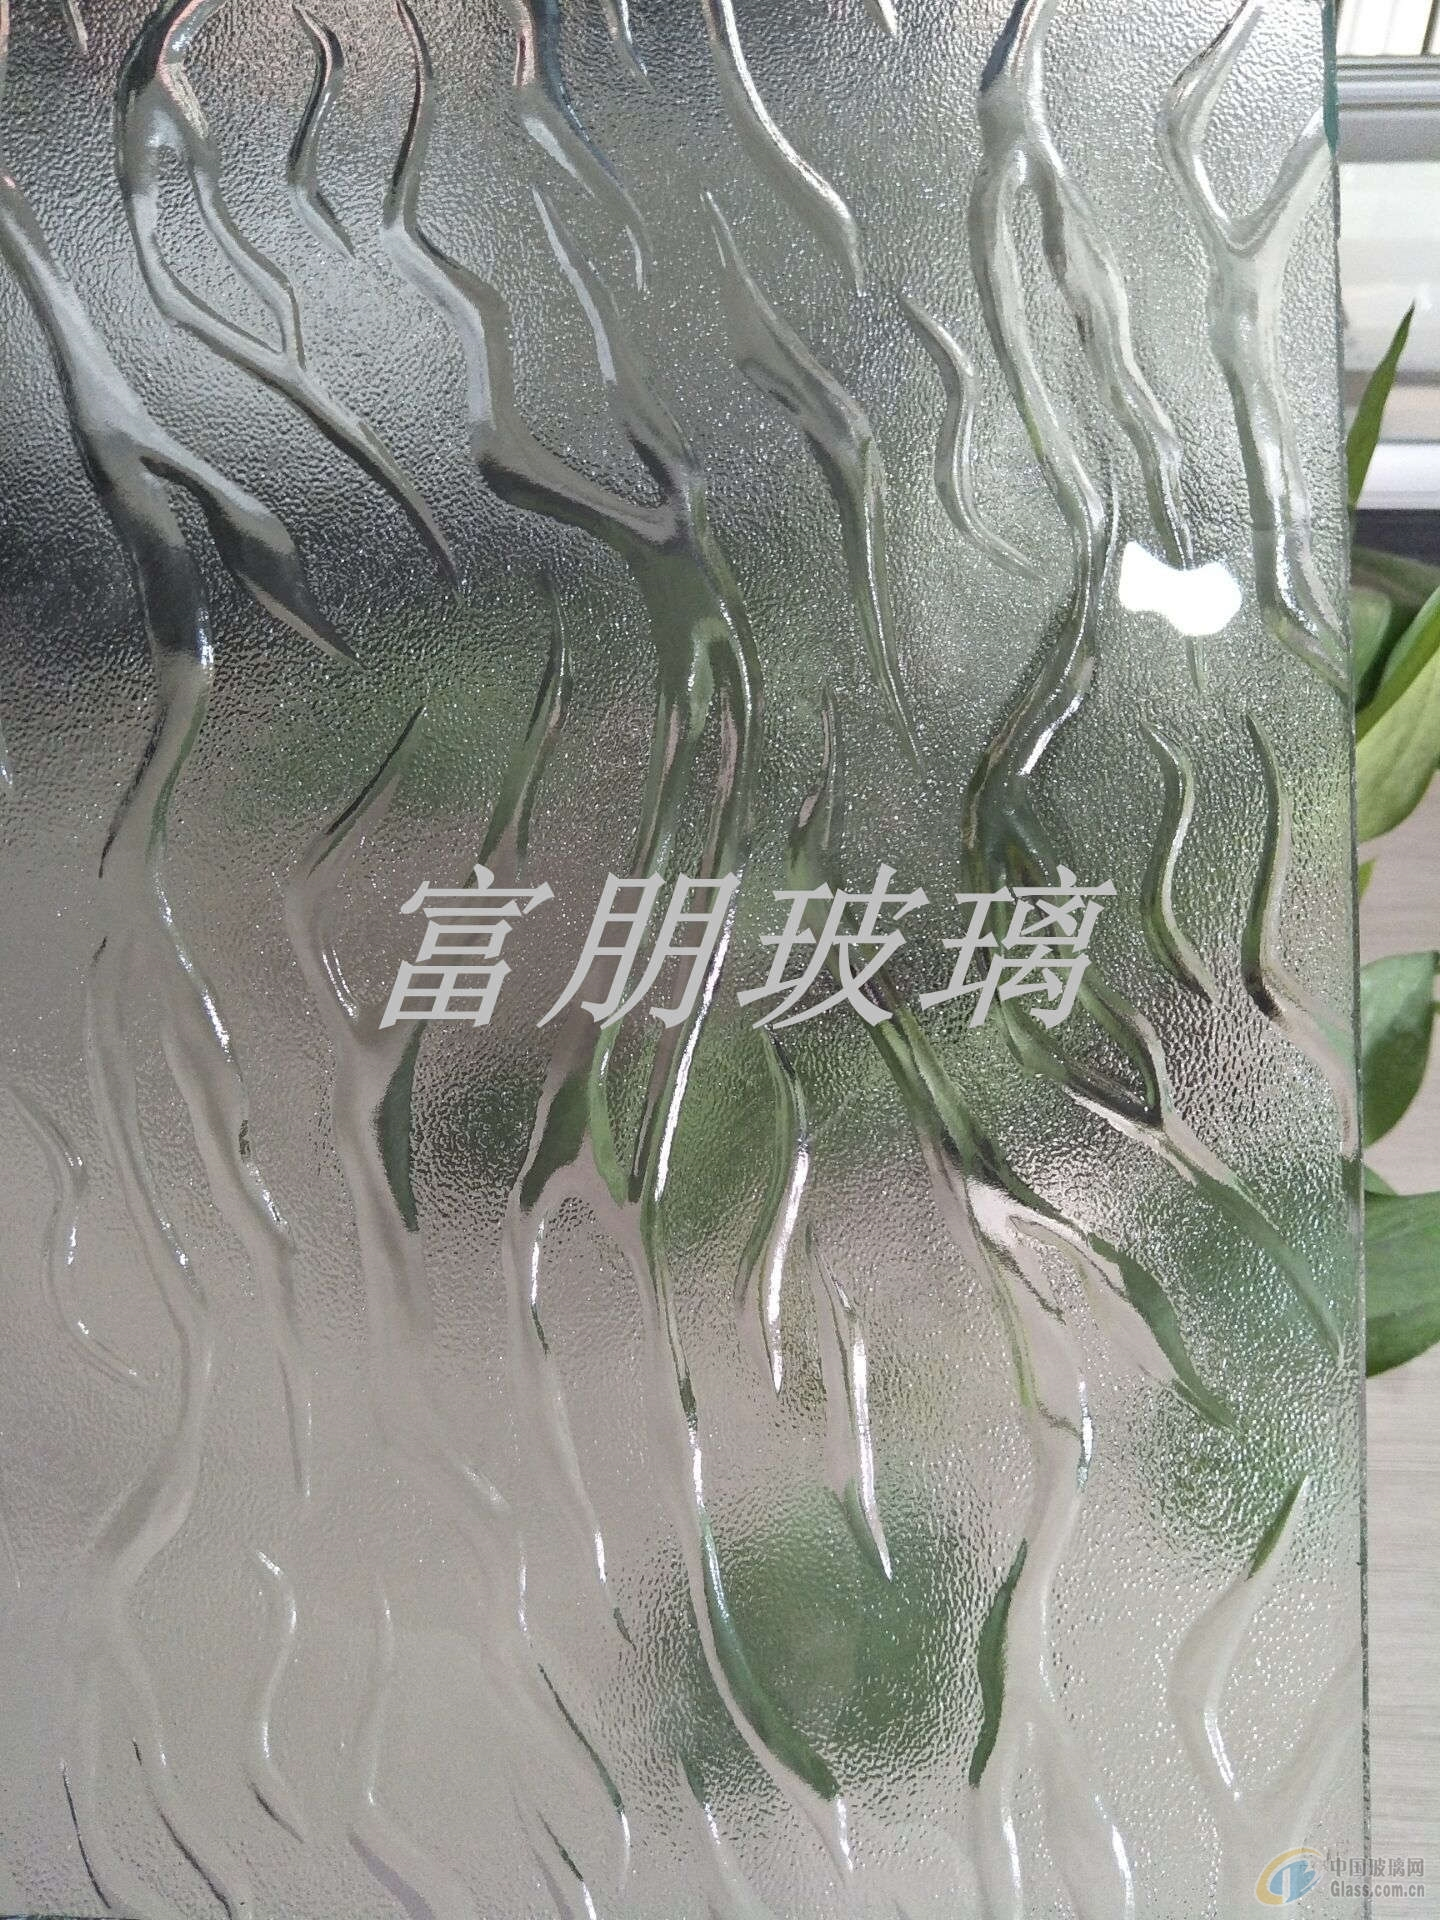 供应山东青岛金晶压花平安彩票pa99.com火焰 金碧莎 金元